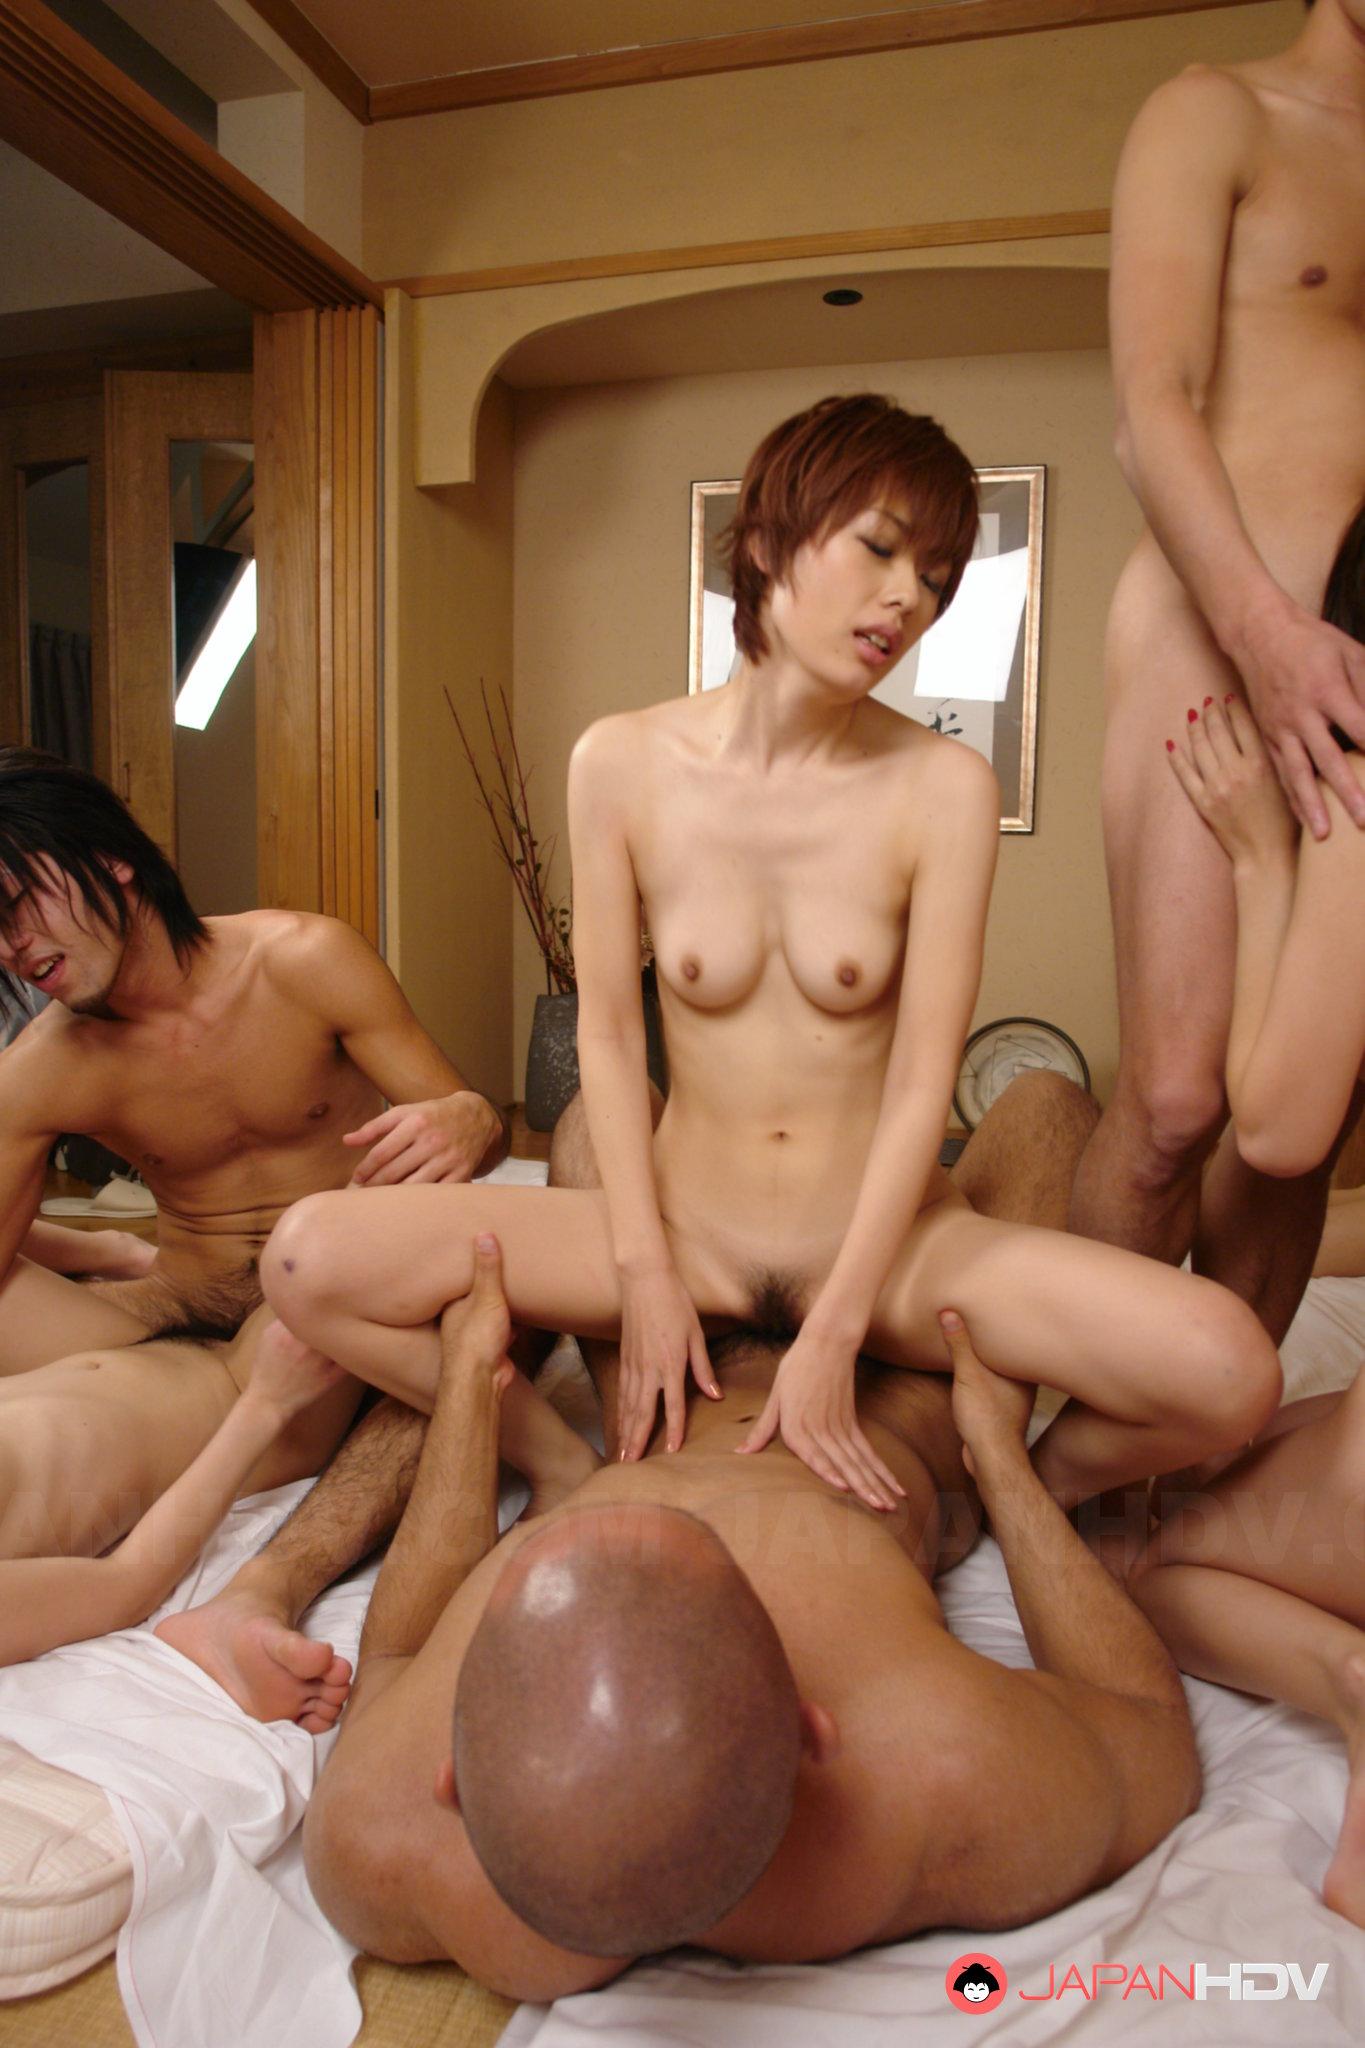 Weird jap porn